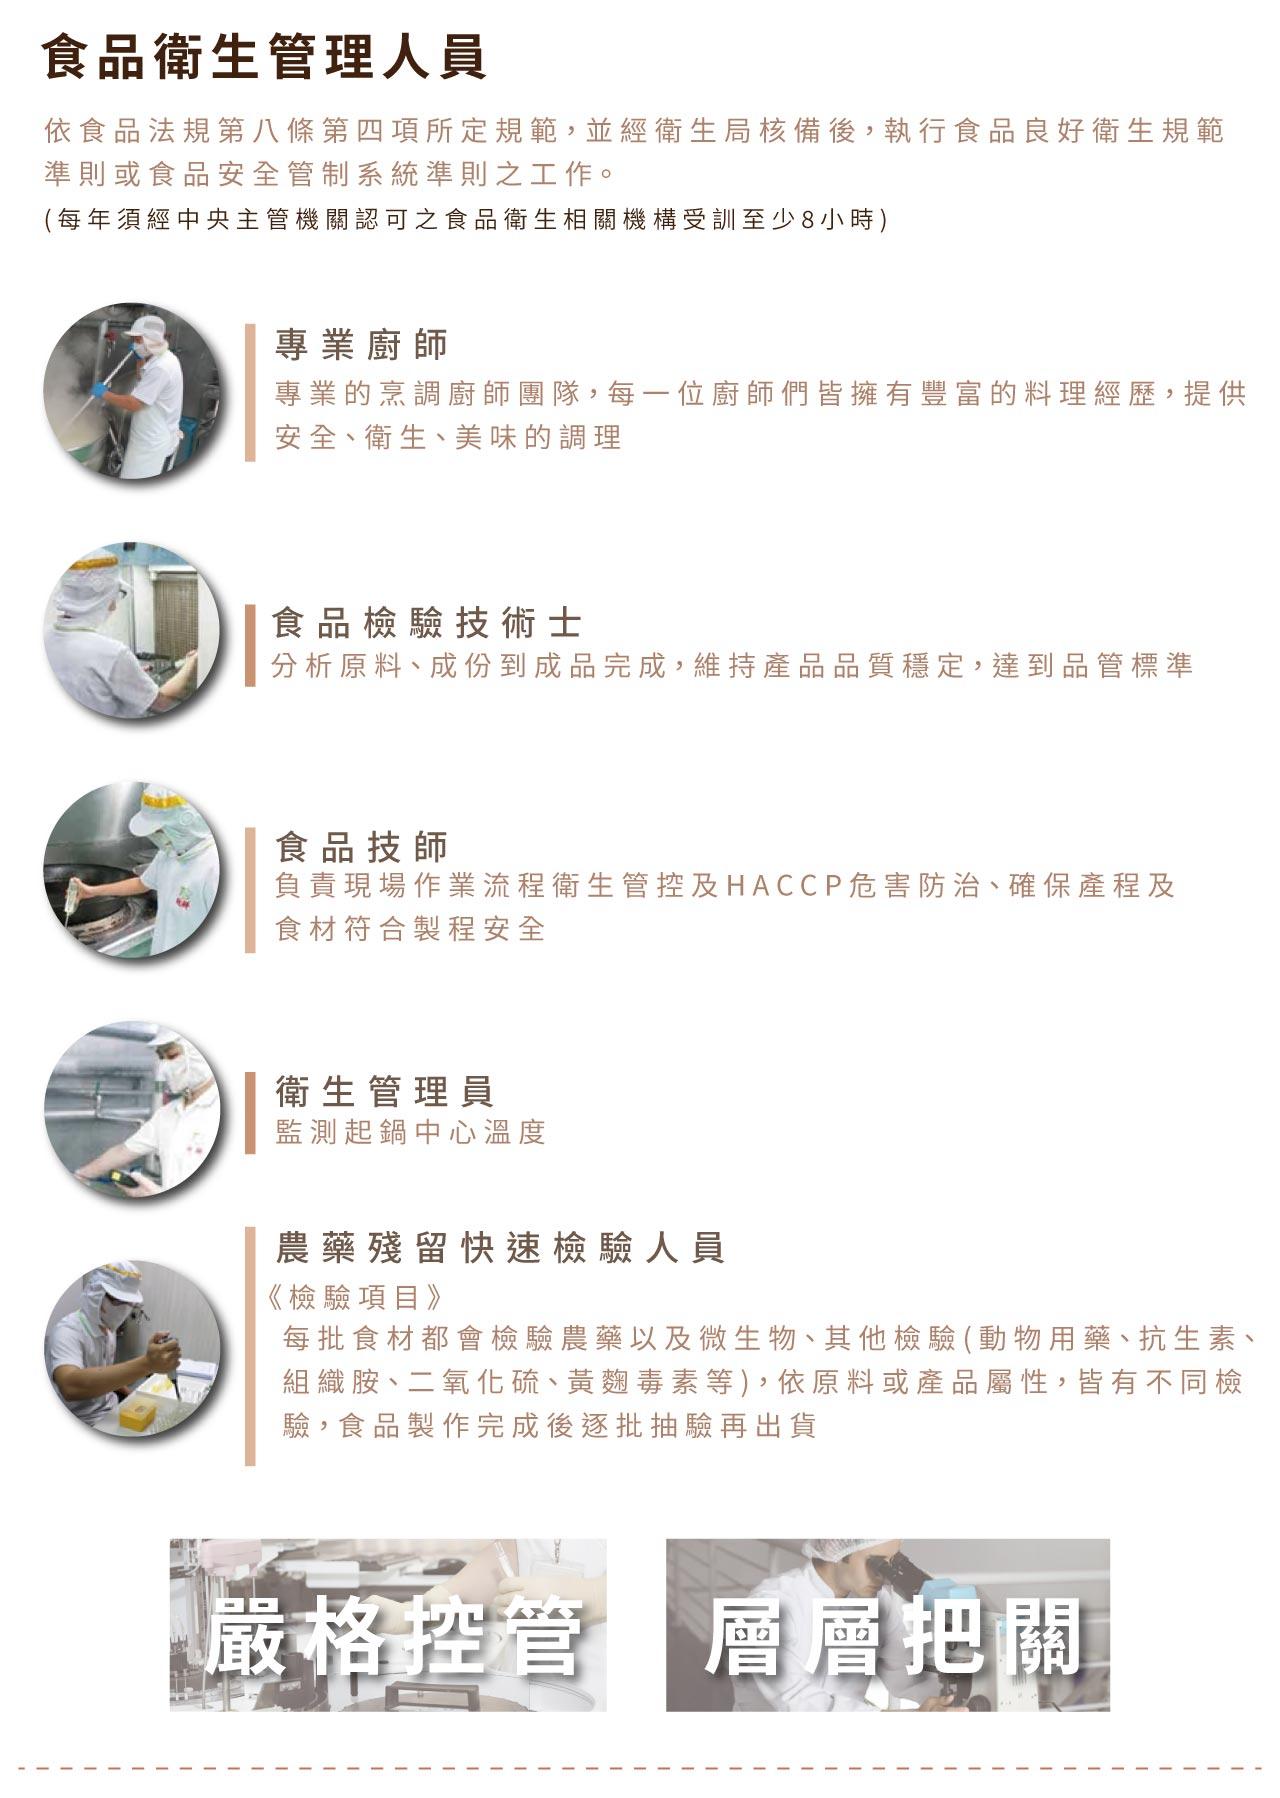 工廠製造流程04-1